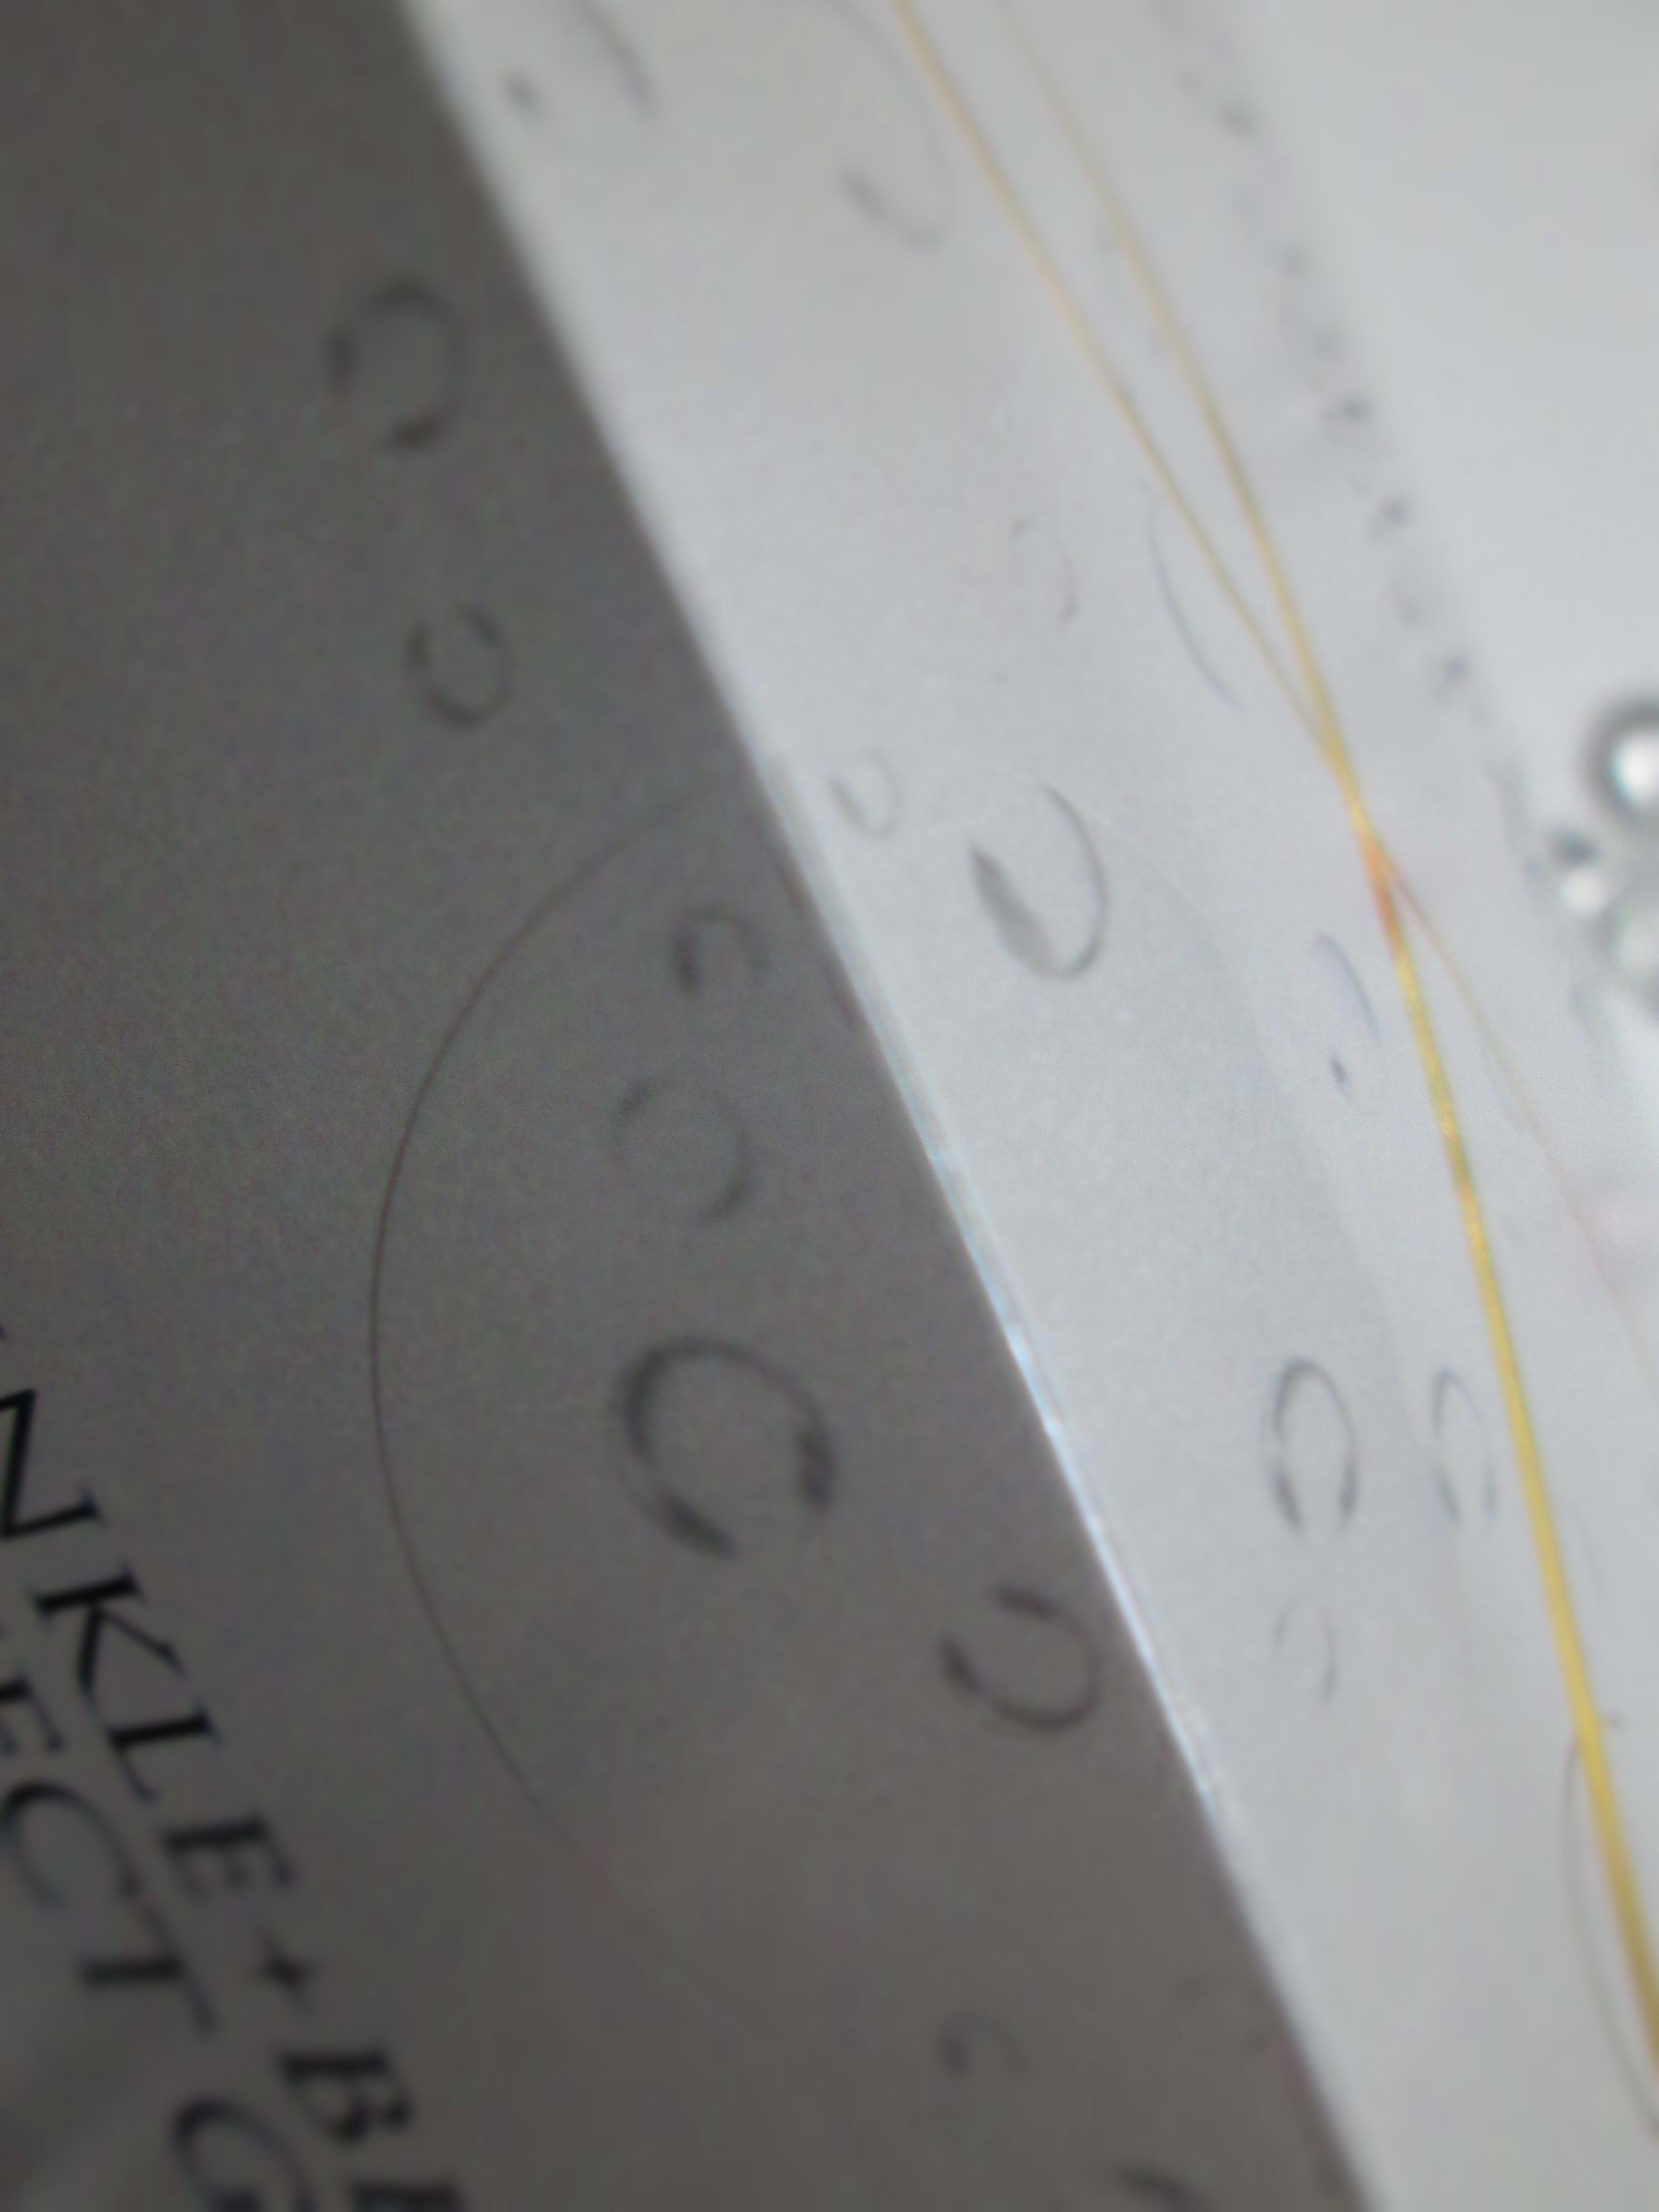 IMG_9208 シーコラ炭酸パック (2)